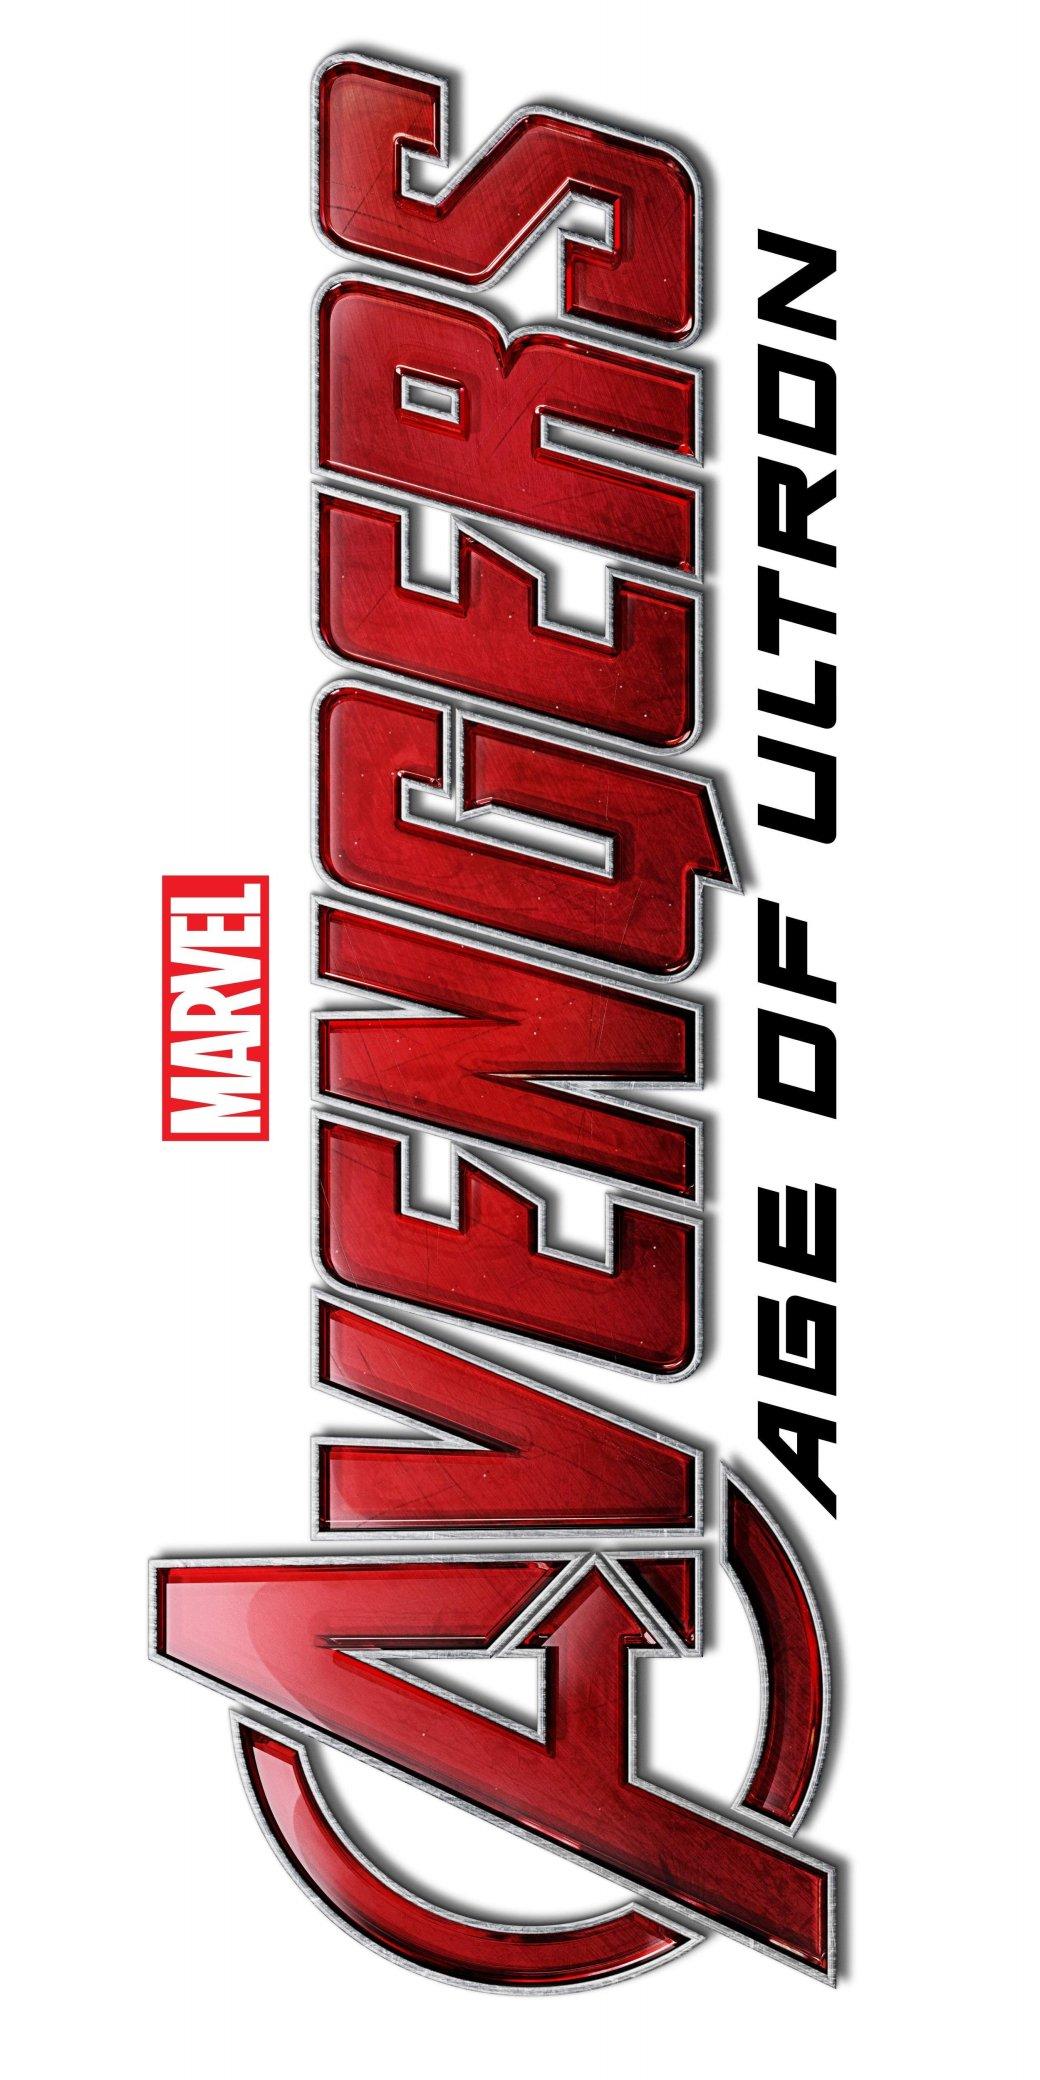 Disney на Comic Con: «Звездные Войны», «Мстители», «Человек-муравей» - Изображение 8